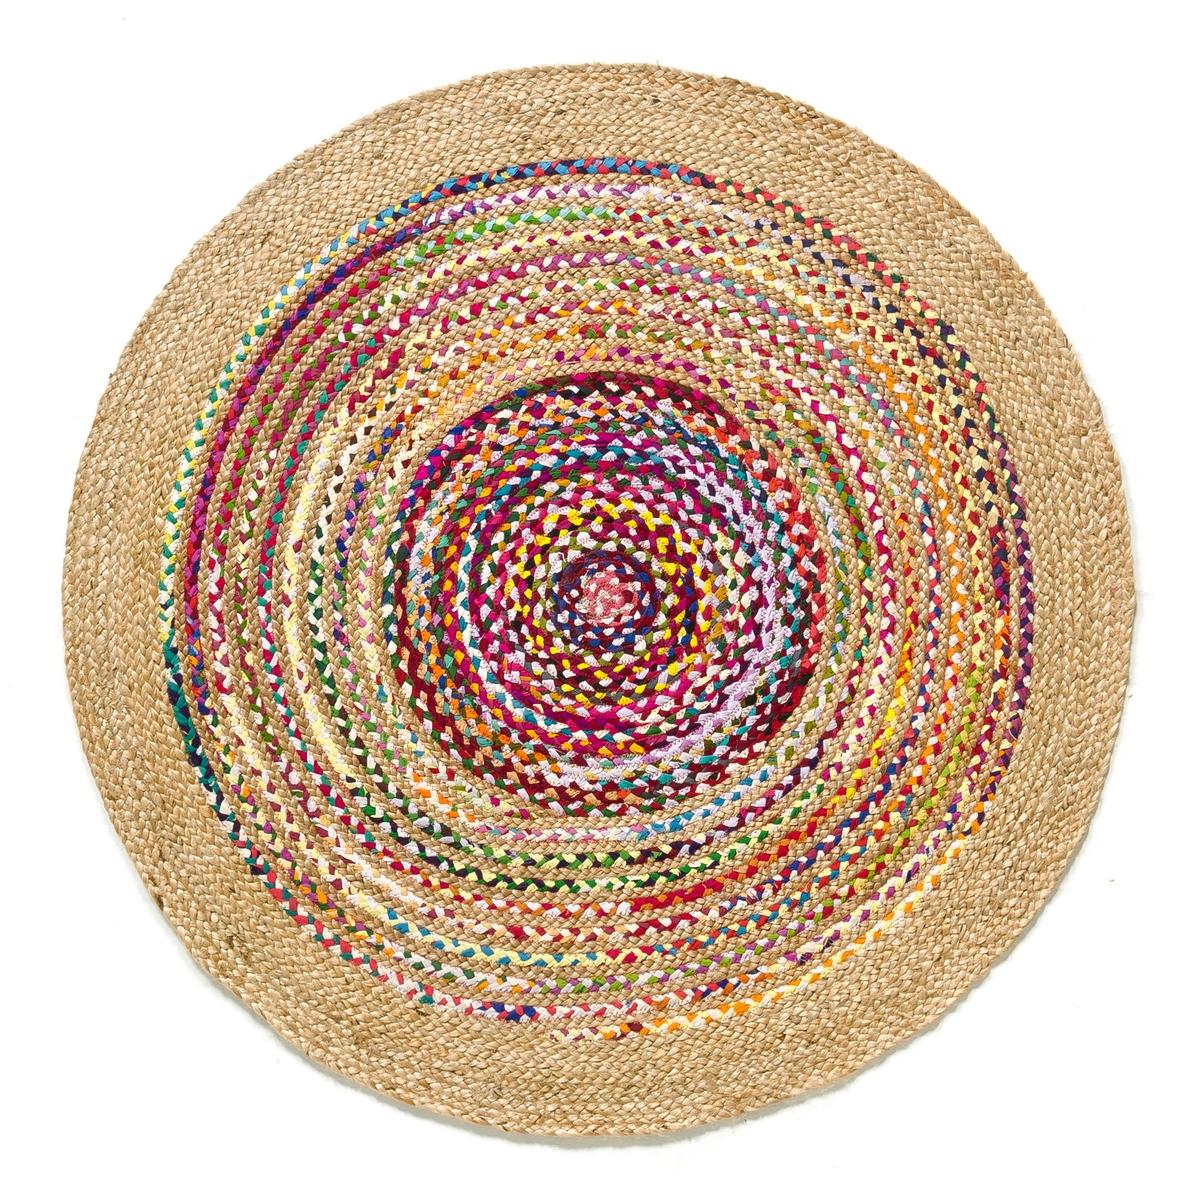 Ковер из джута и хлопка ?120 см, JacoКовер Jaco. Из хлопка и джута, плетеного вручную. В разноцветную полоску. Естественный термо и звукоизолятор, ковер соединяет пространство, согревает комнату, создает ощущение благополучия и комфорта. Это элемент декора, который придает стиль и атмосферу.Размеры ковра Jaco :- Диаметр 120 см.    Доставка :  Возможна доставка до квартиры по предварительному согласованию! Внимание ! Убедитесь, что дверные, лестничные и лифтовые проемы позволяют осуществить доставку коробки таких габаритов.<br><br>Цвет: разноцветный<br>Размер: единый размер